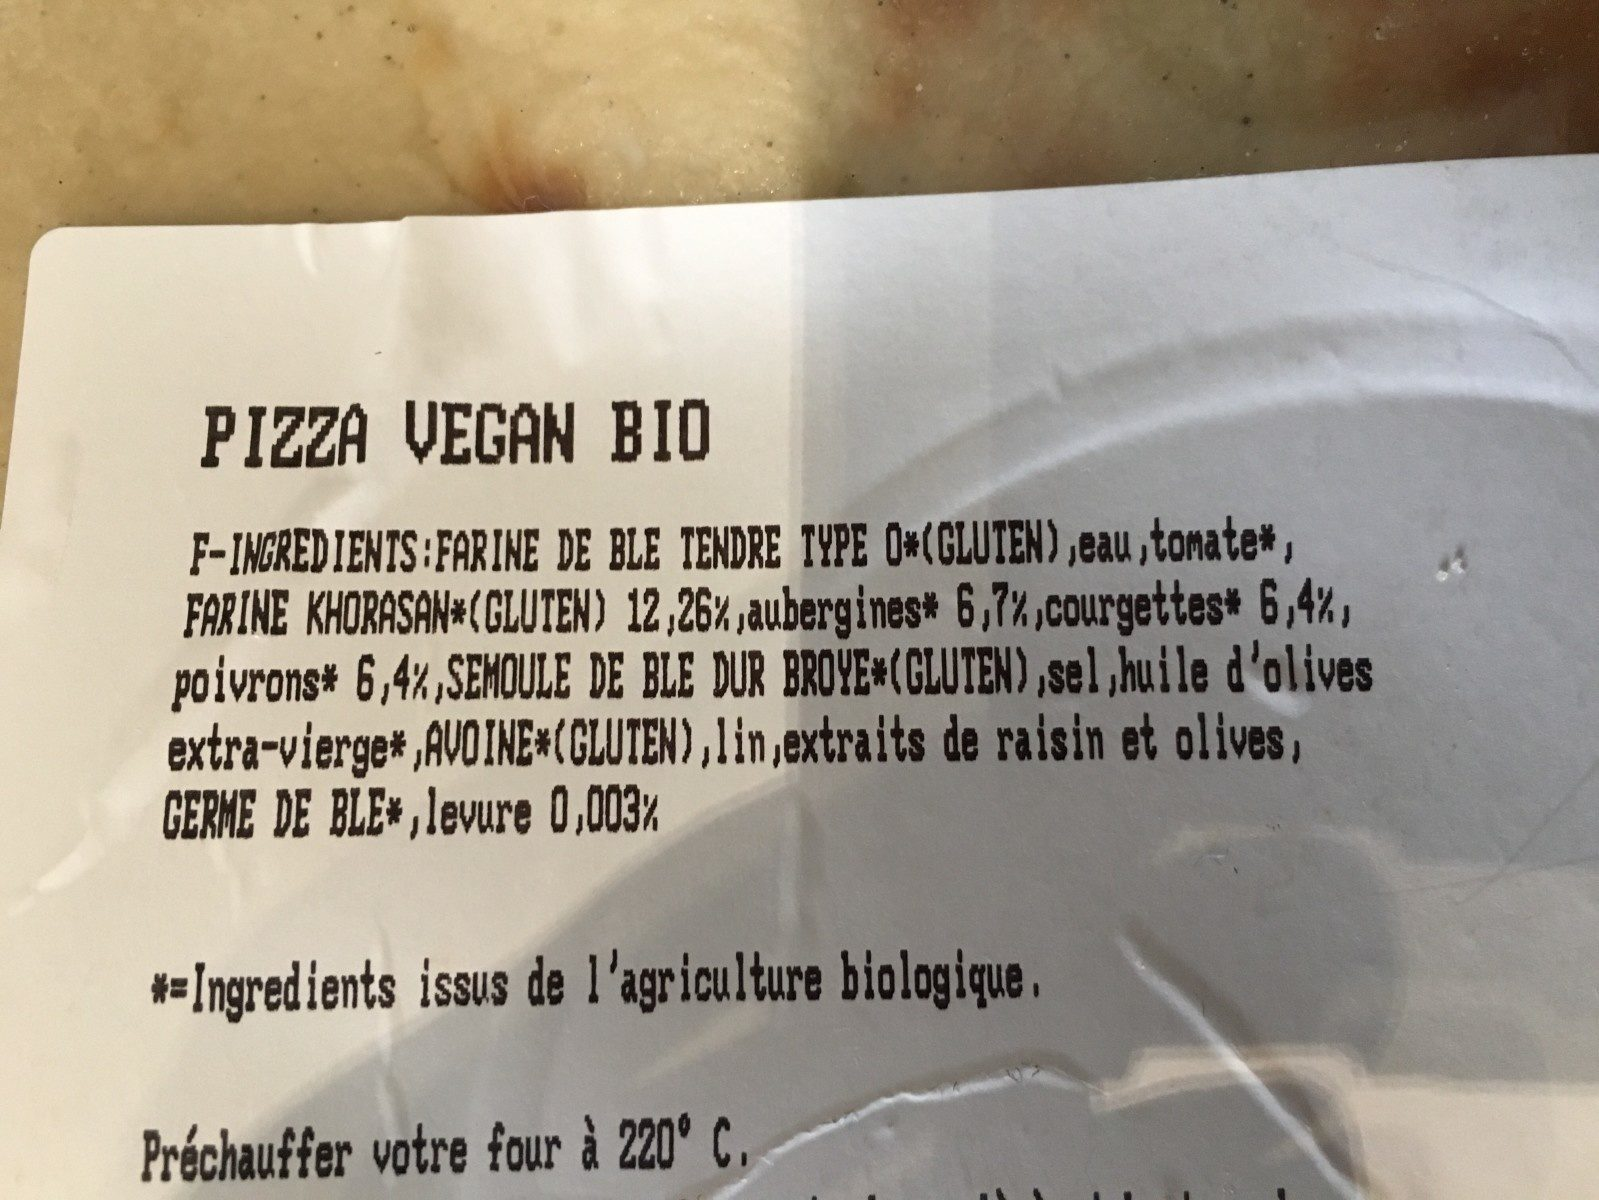 Pizza Vegan Bio Tomates et légumes grillés - Ingrédients